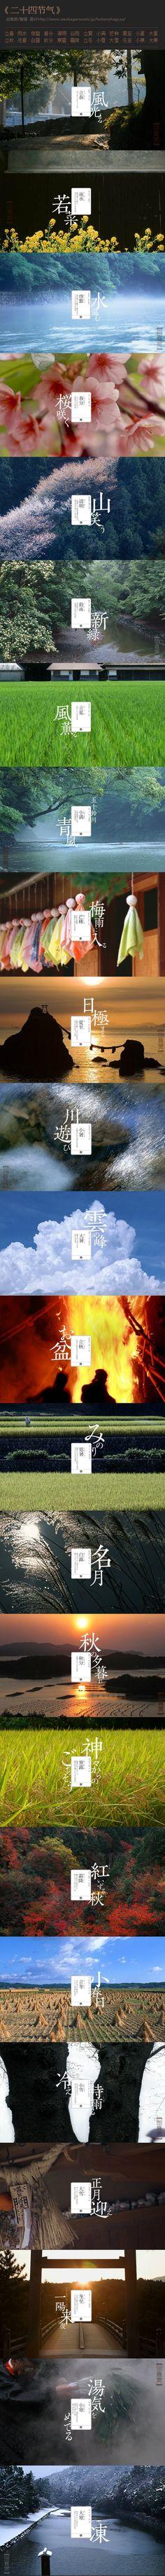 日本|二十四節気